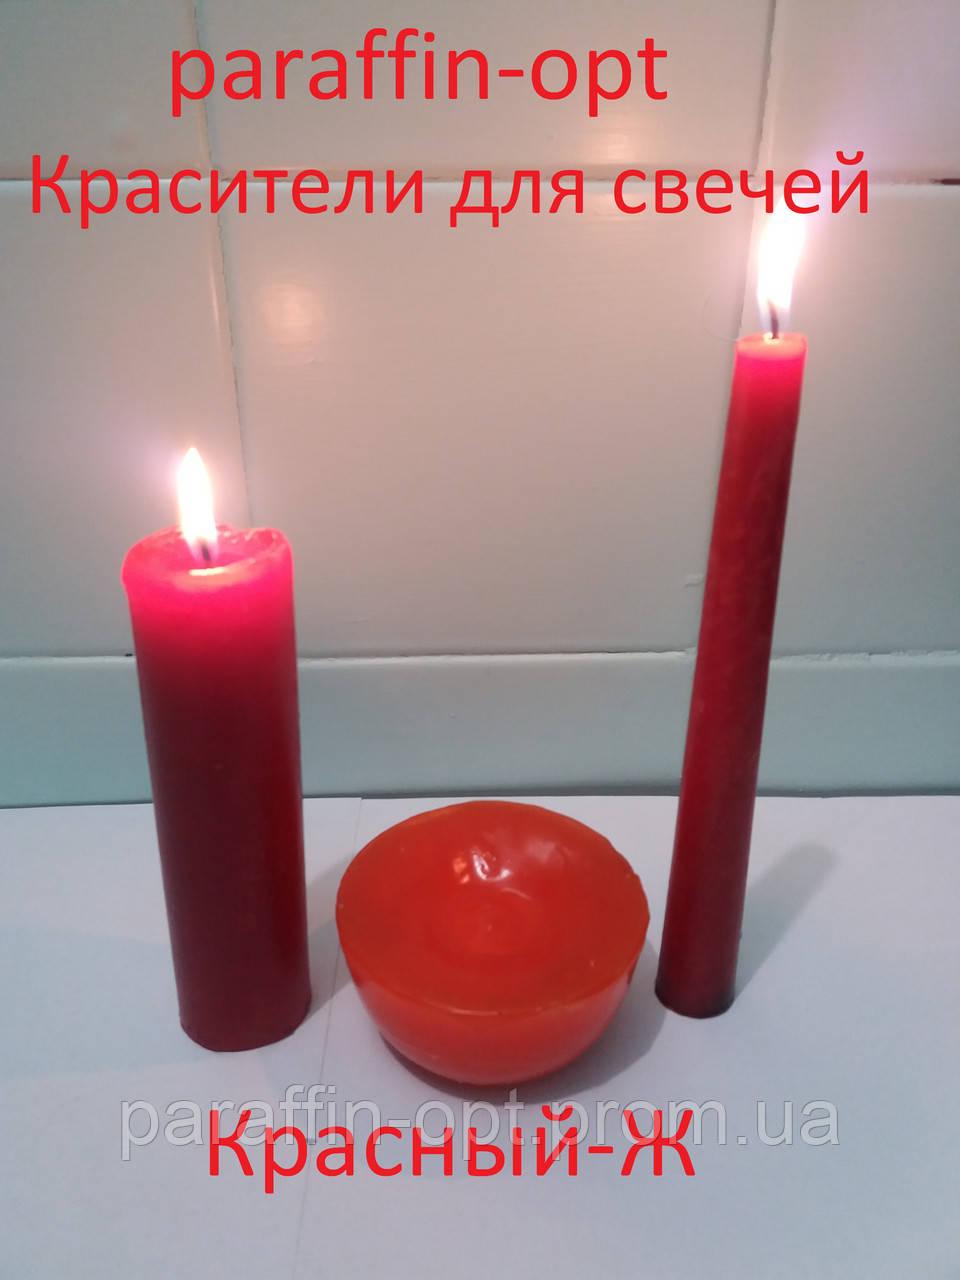 Краситель для свечей Красный-Ж